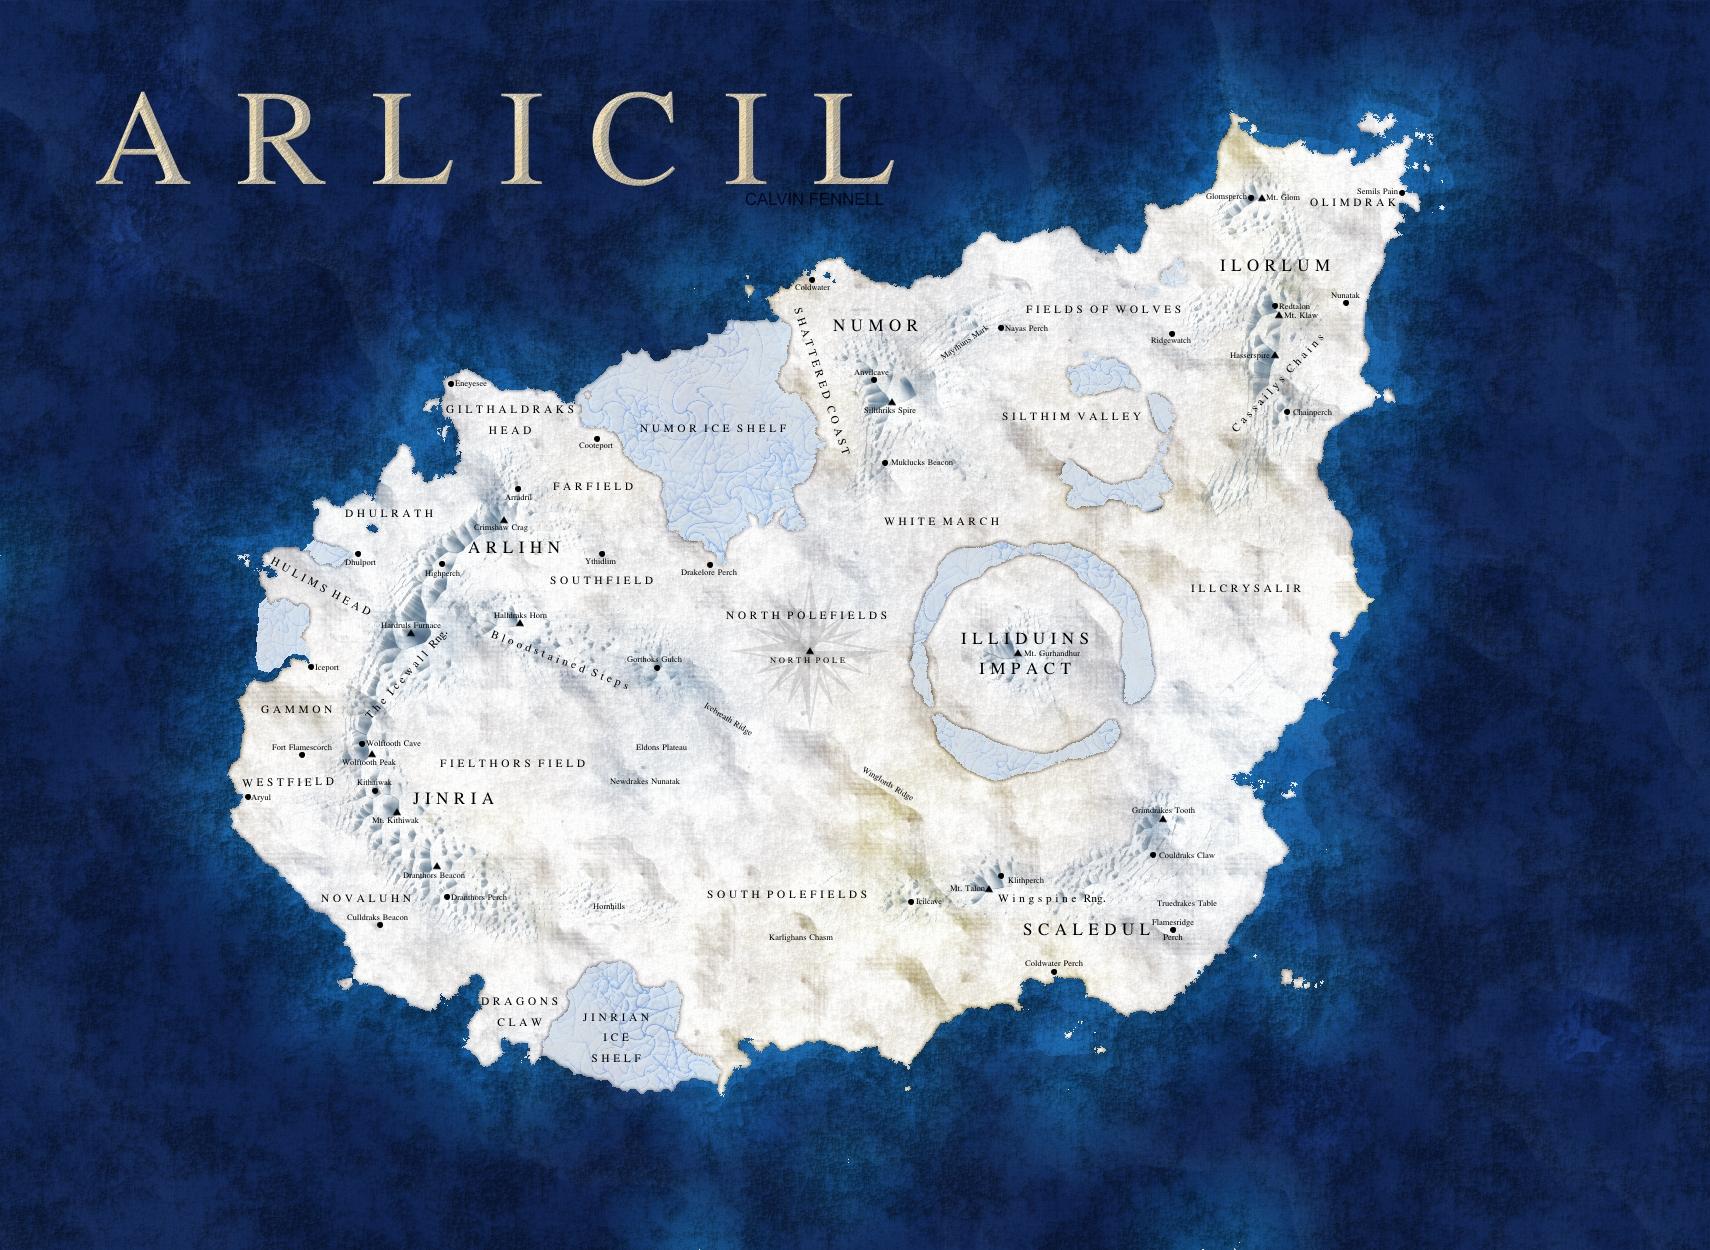 ARLICIL